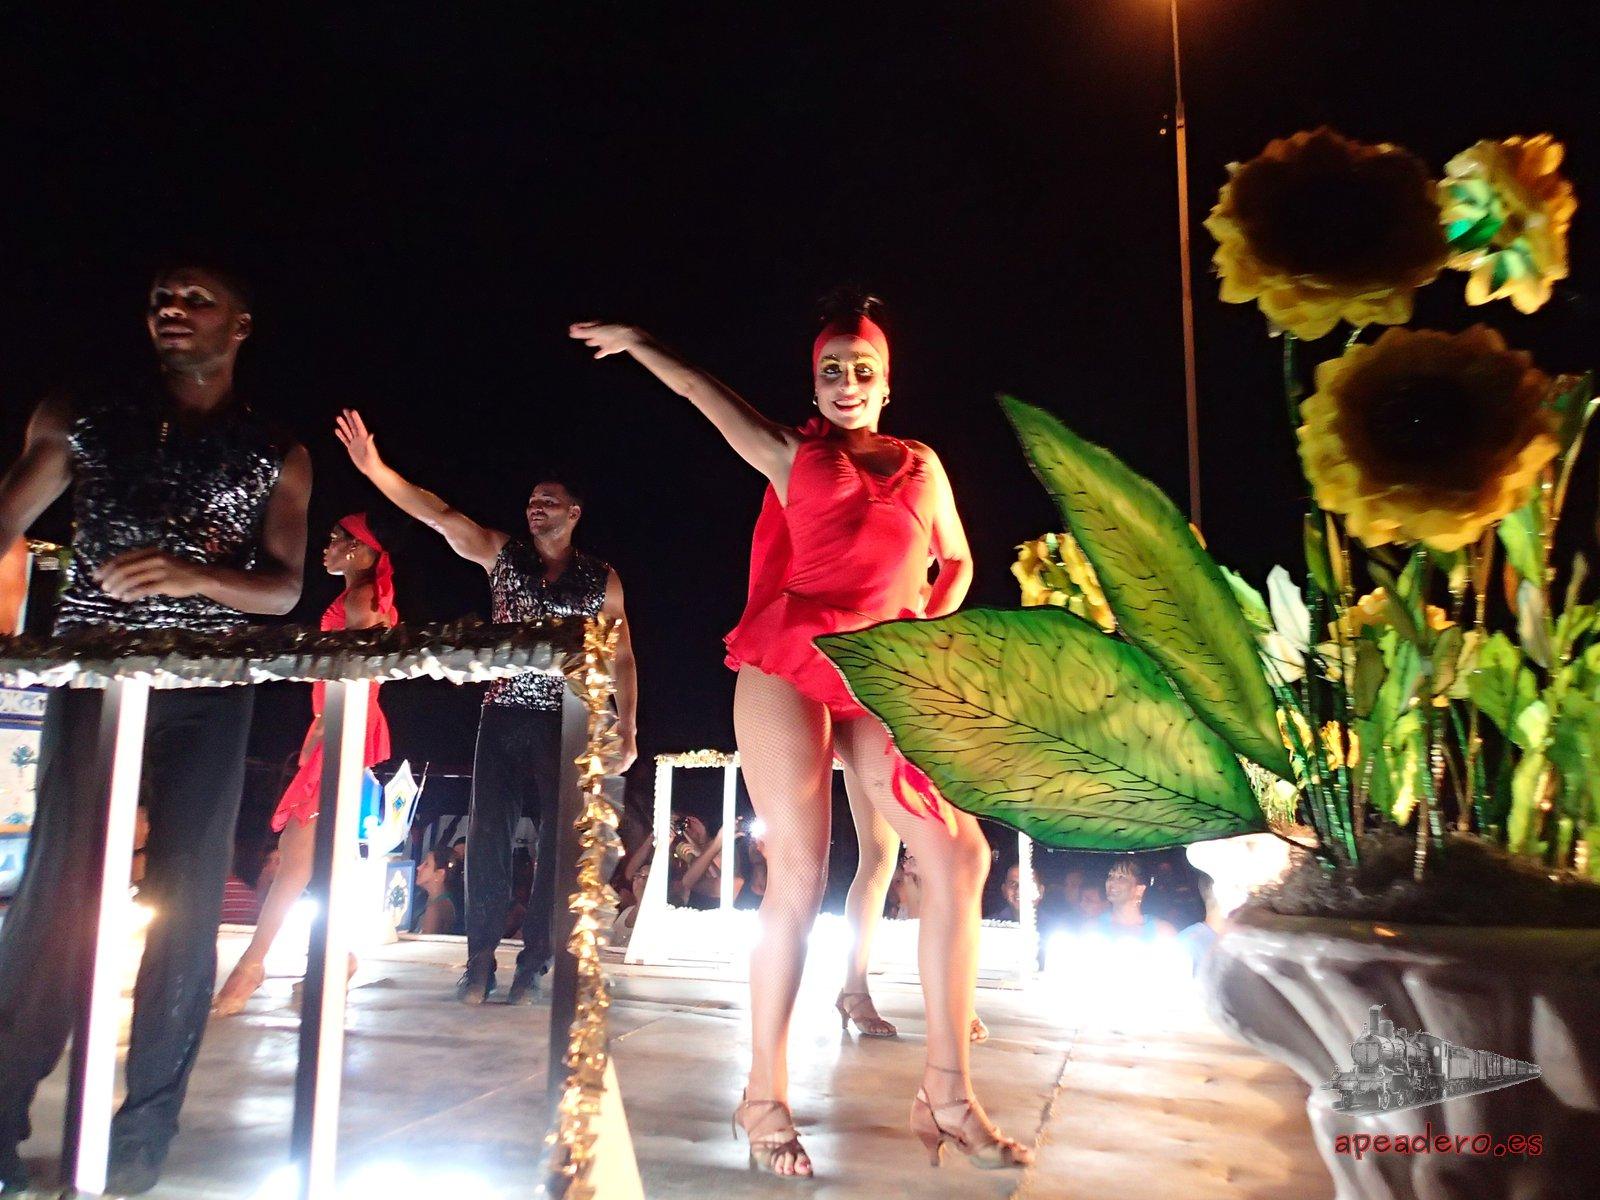 Las coreografías en el carnaval de Cienfuegos eran muy similares a las de La Habana, nada que envidiar en este sentido.